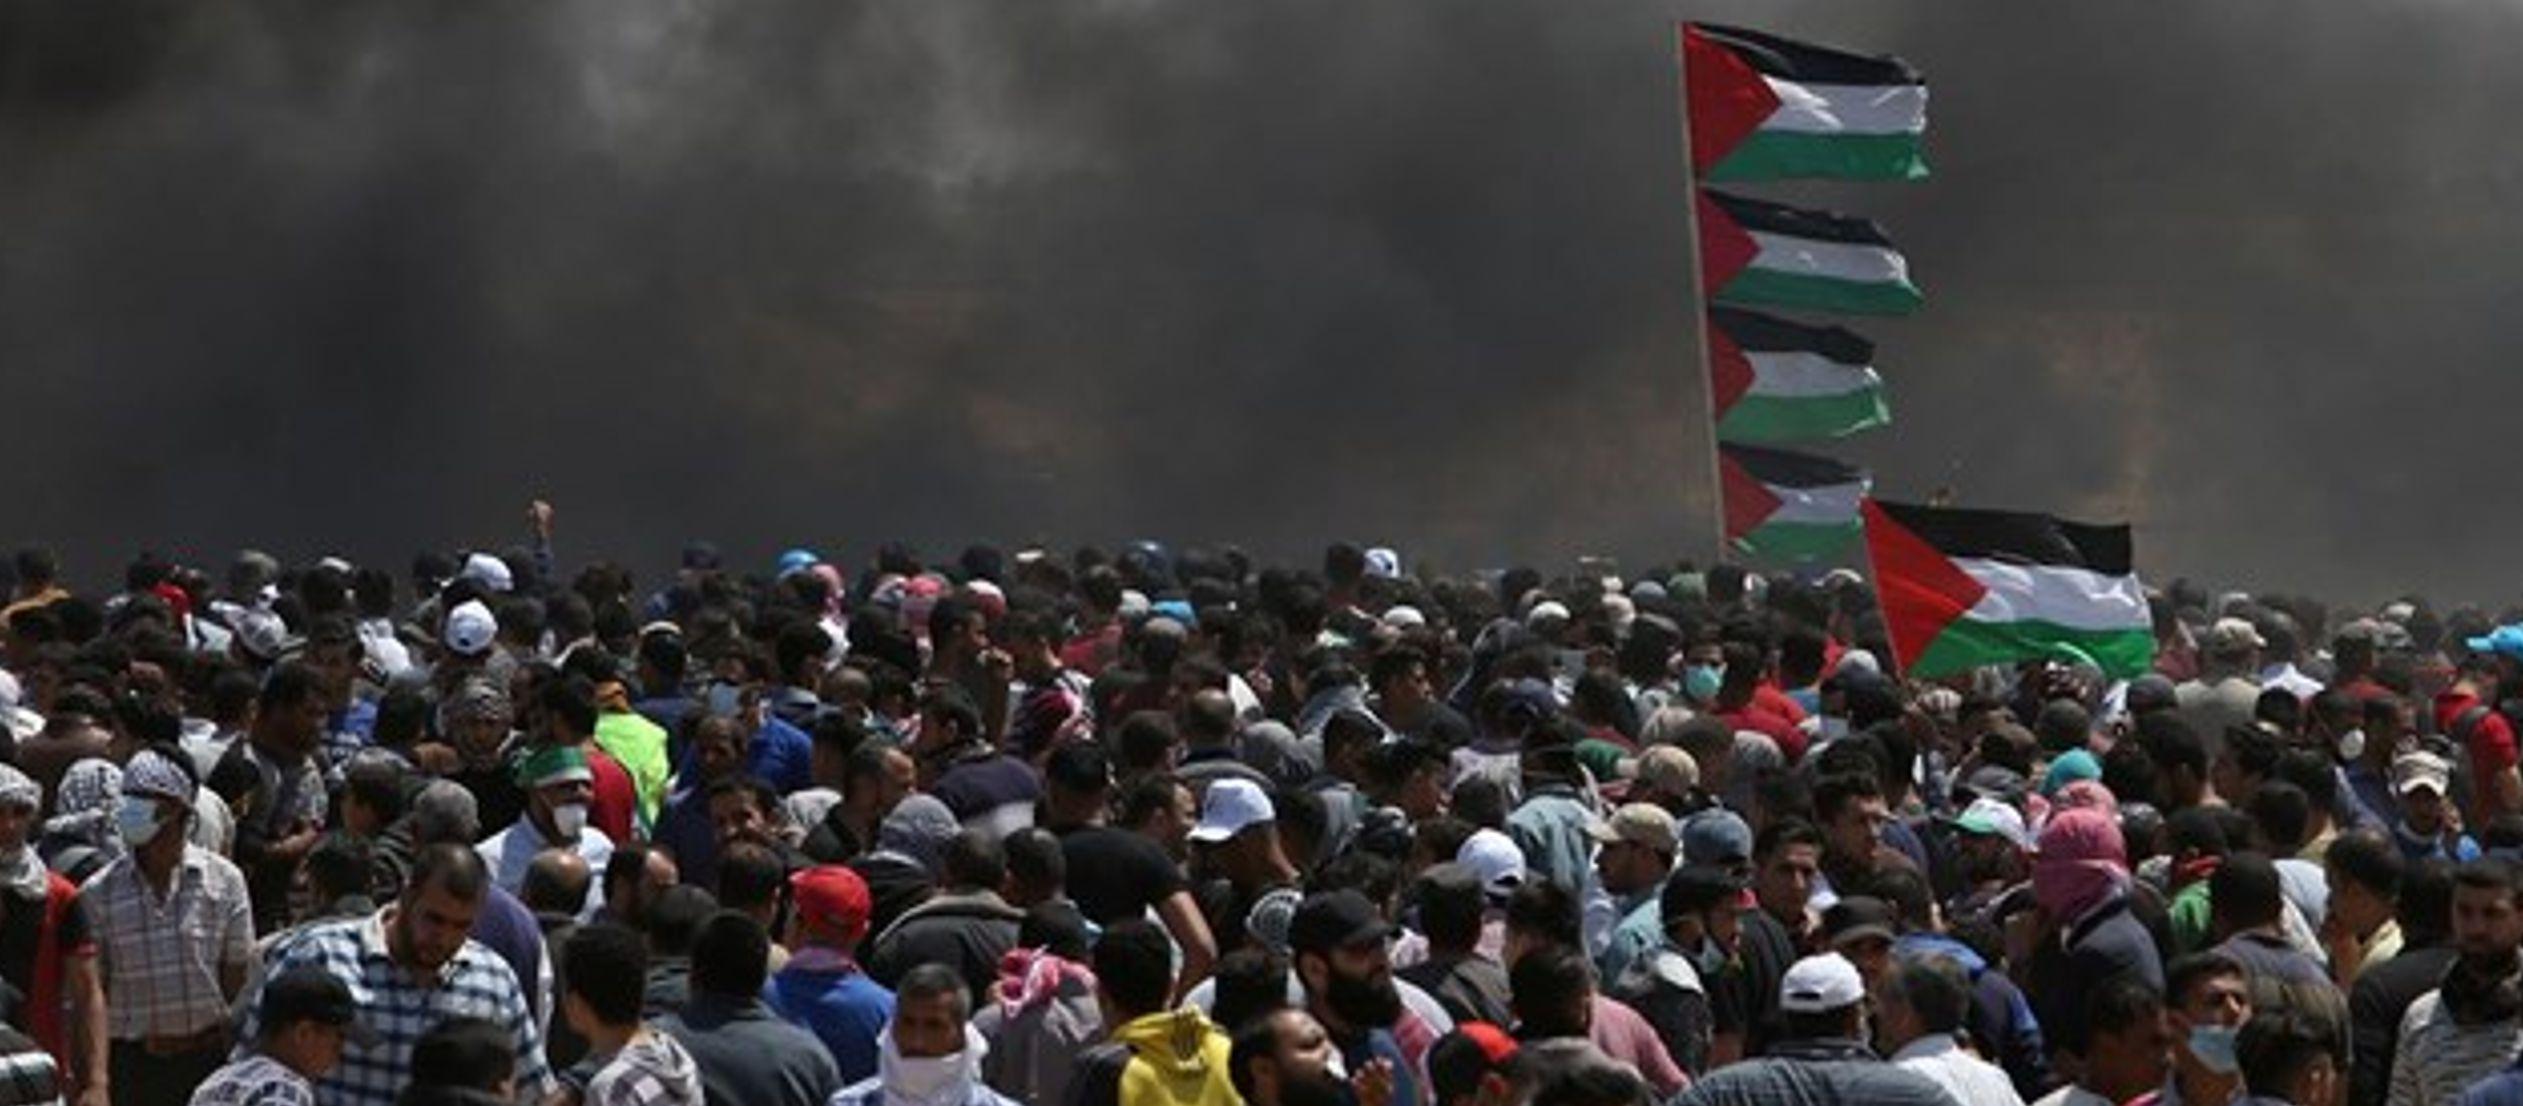 El texto, que denuncia el disparo de proyectiles desde Gaza contra zonas civiles en Israel, no...